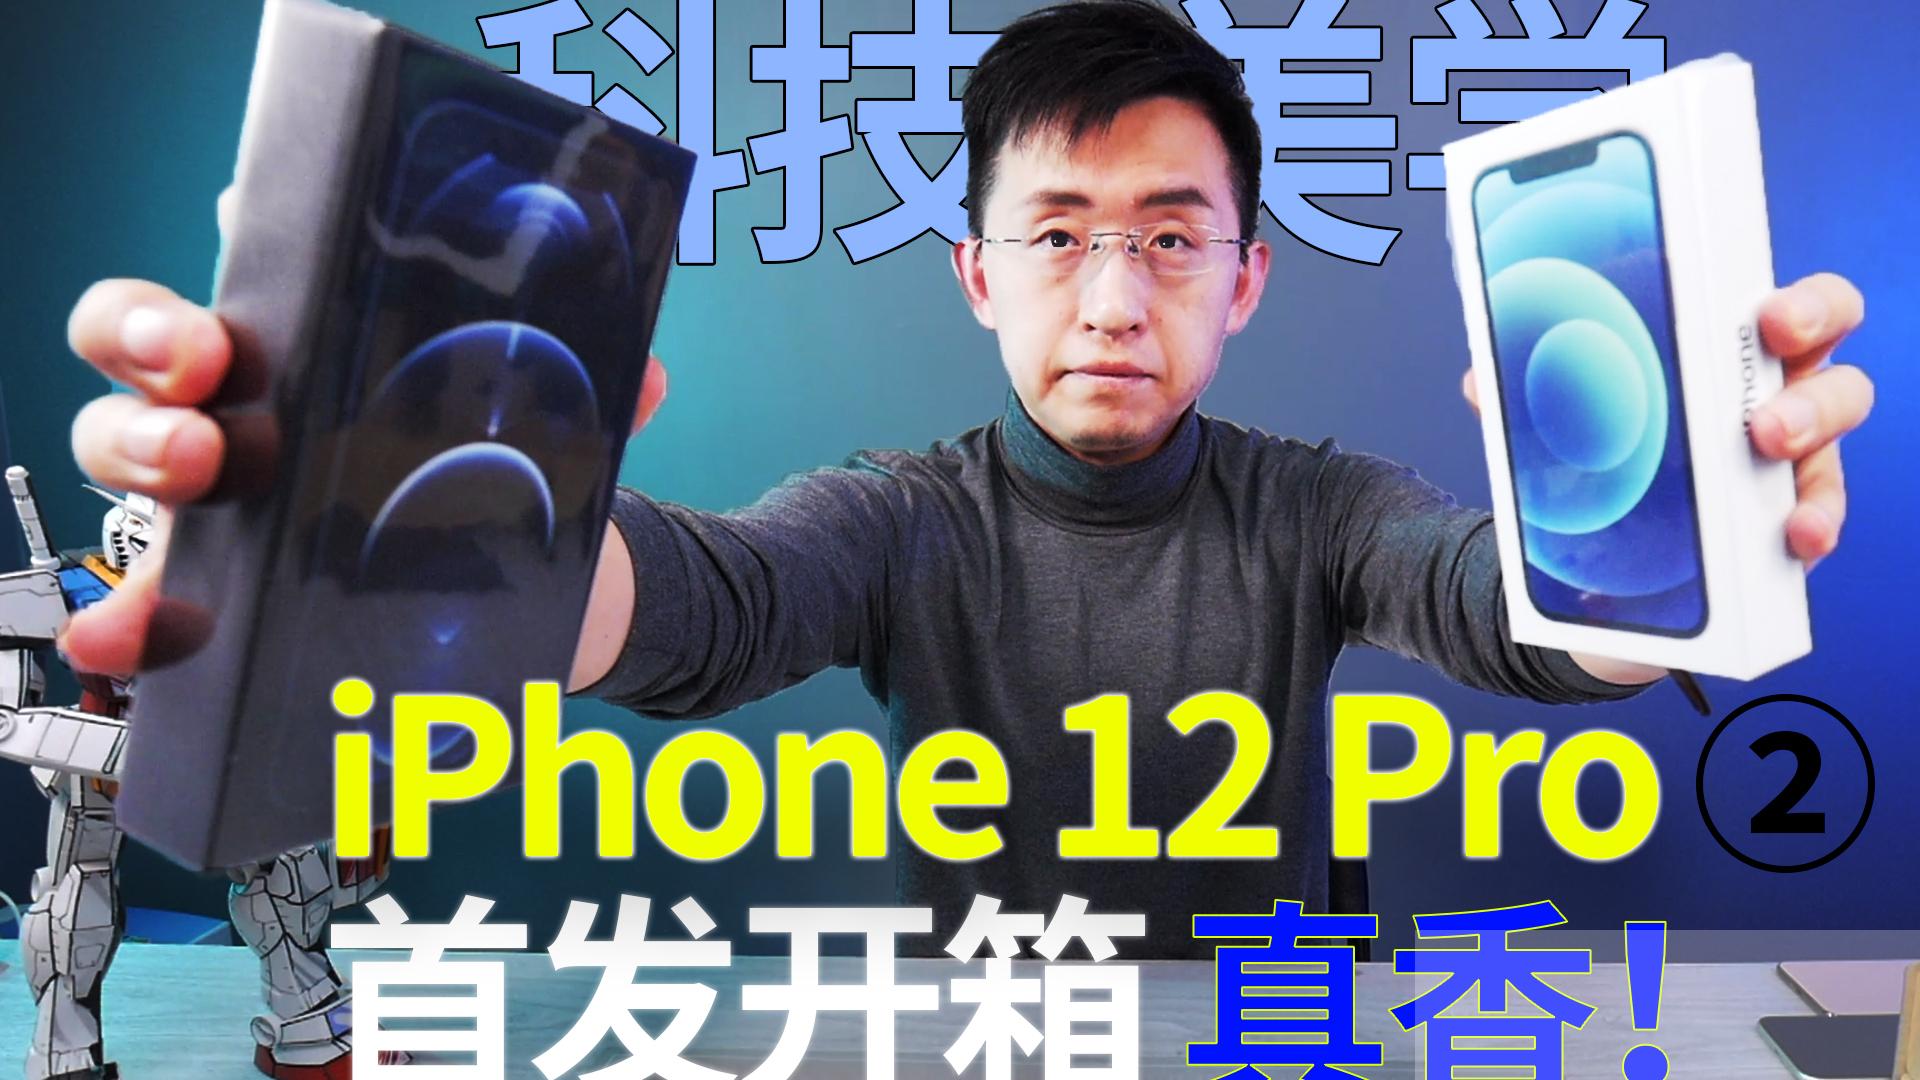 「科技美学直播」iPhone12Pro 首发开箱②真香!看外观就知道是旗舰了 颜值名不虚传